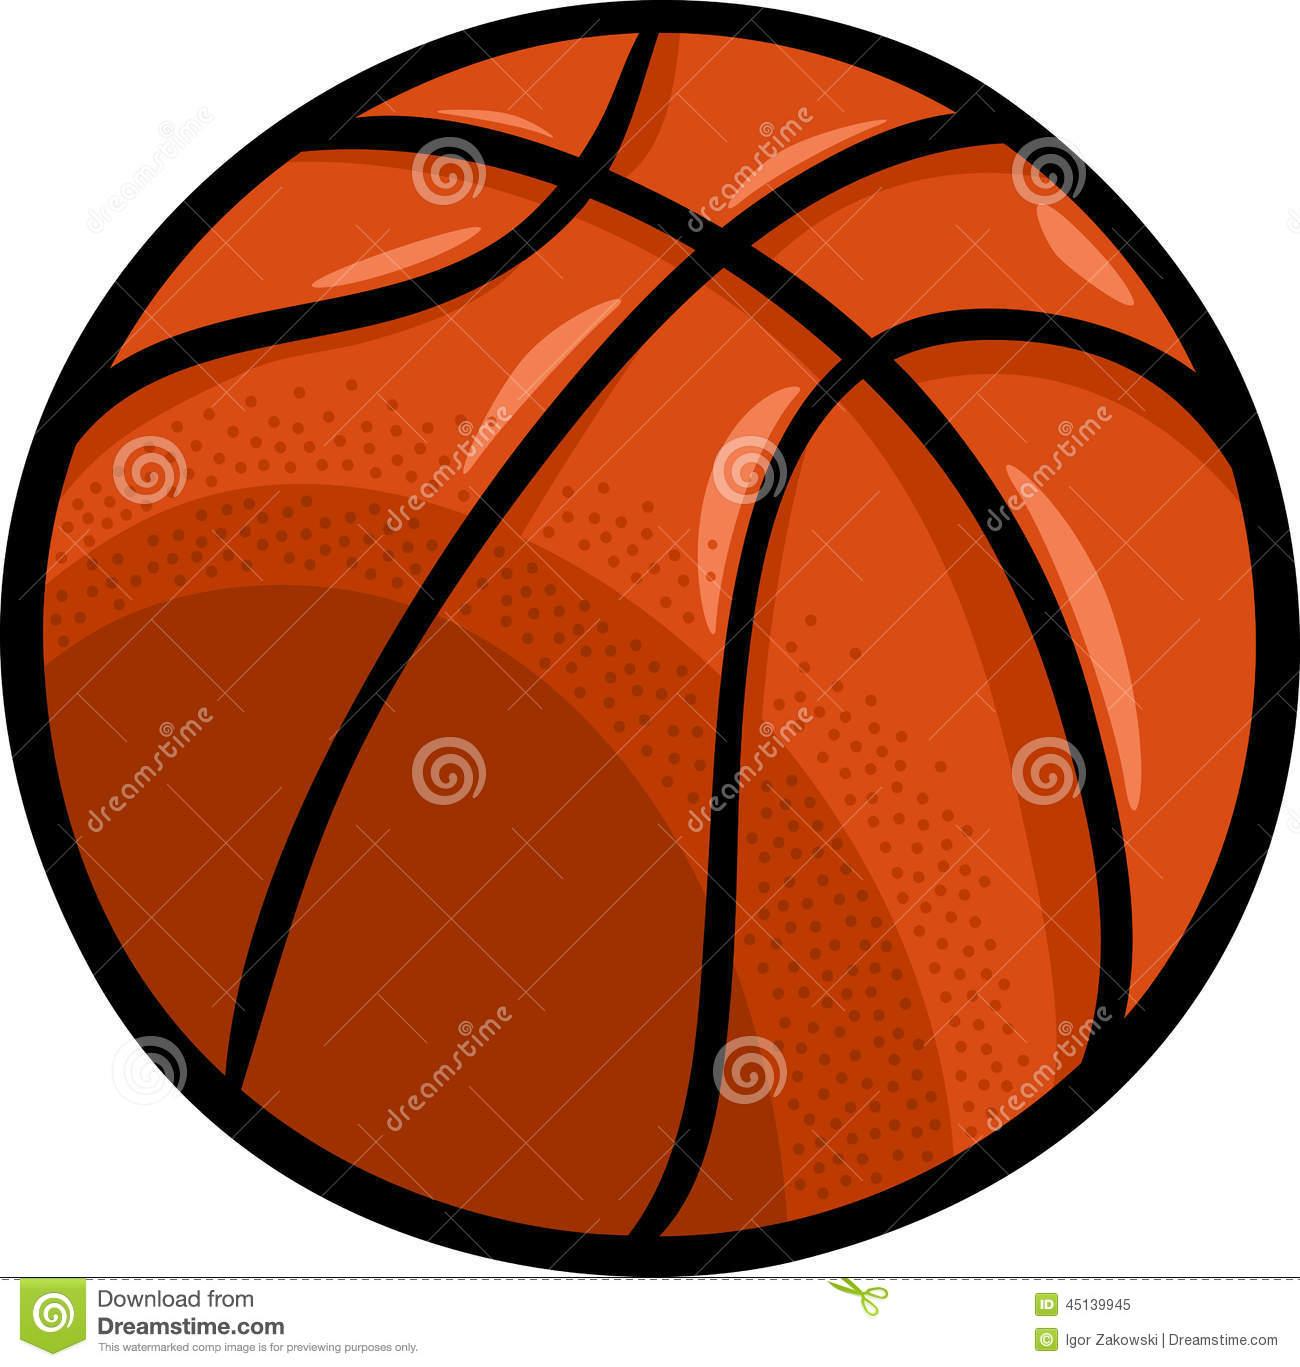 Basketball ball cartoon clip art-Basketball ball cartoon clip art-19